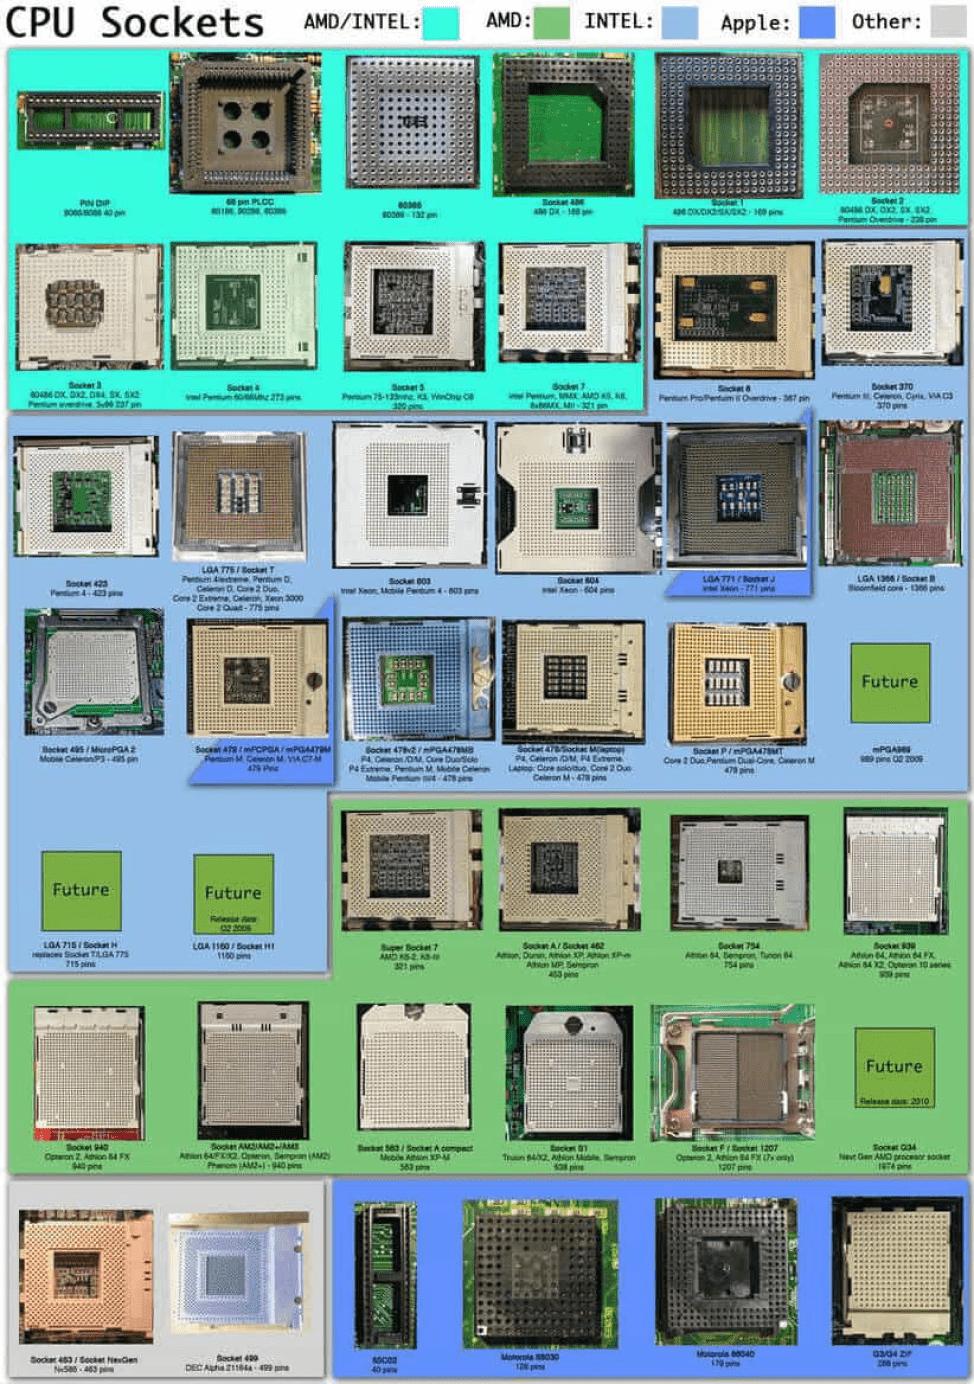 Совместимость процессора с сокетами